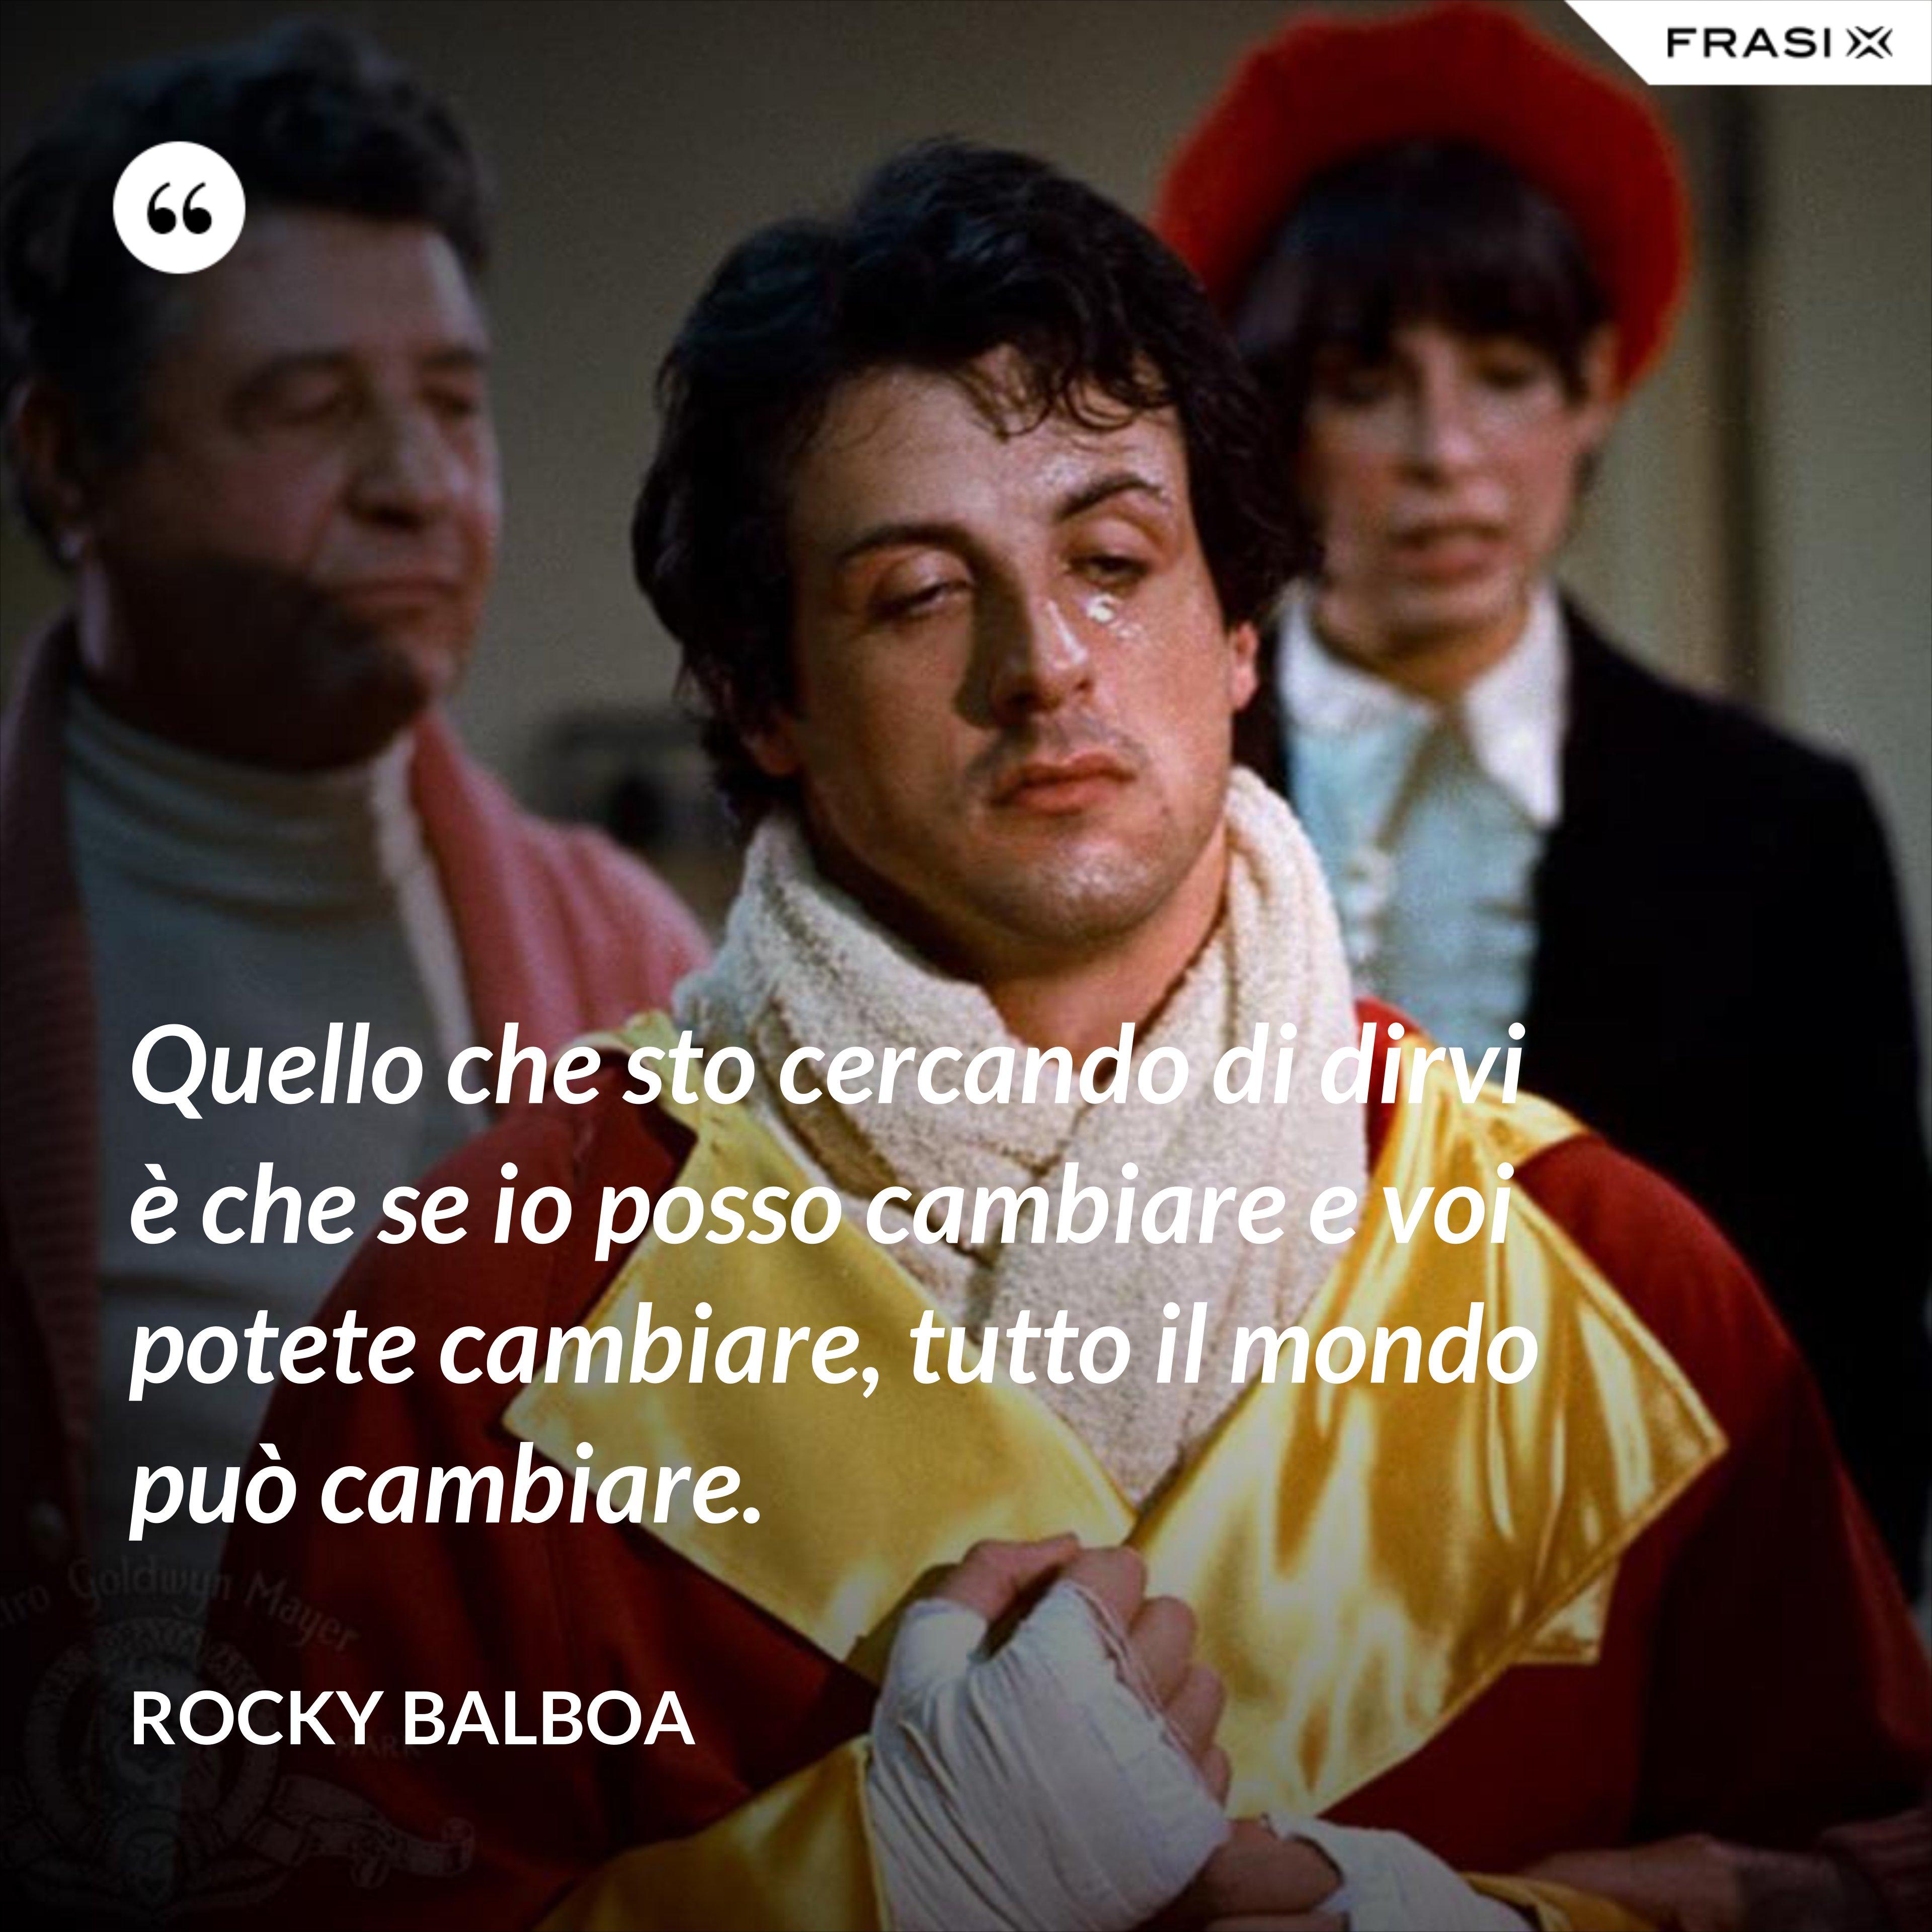 Quello che sto cercando di dirvi è che se io posso cambiare e voi potete cambiare, tutto il mondo può cambiare. - Rocky Balboa